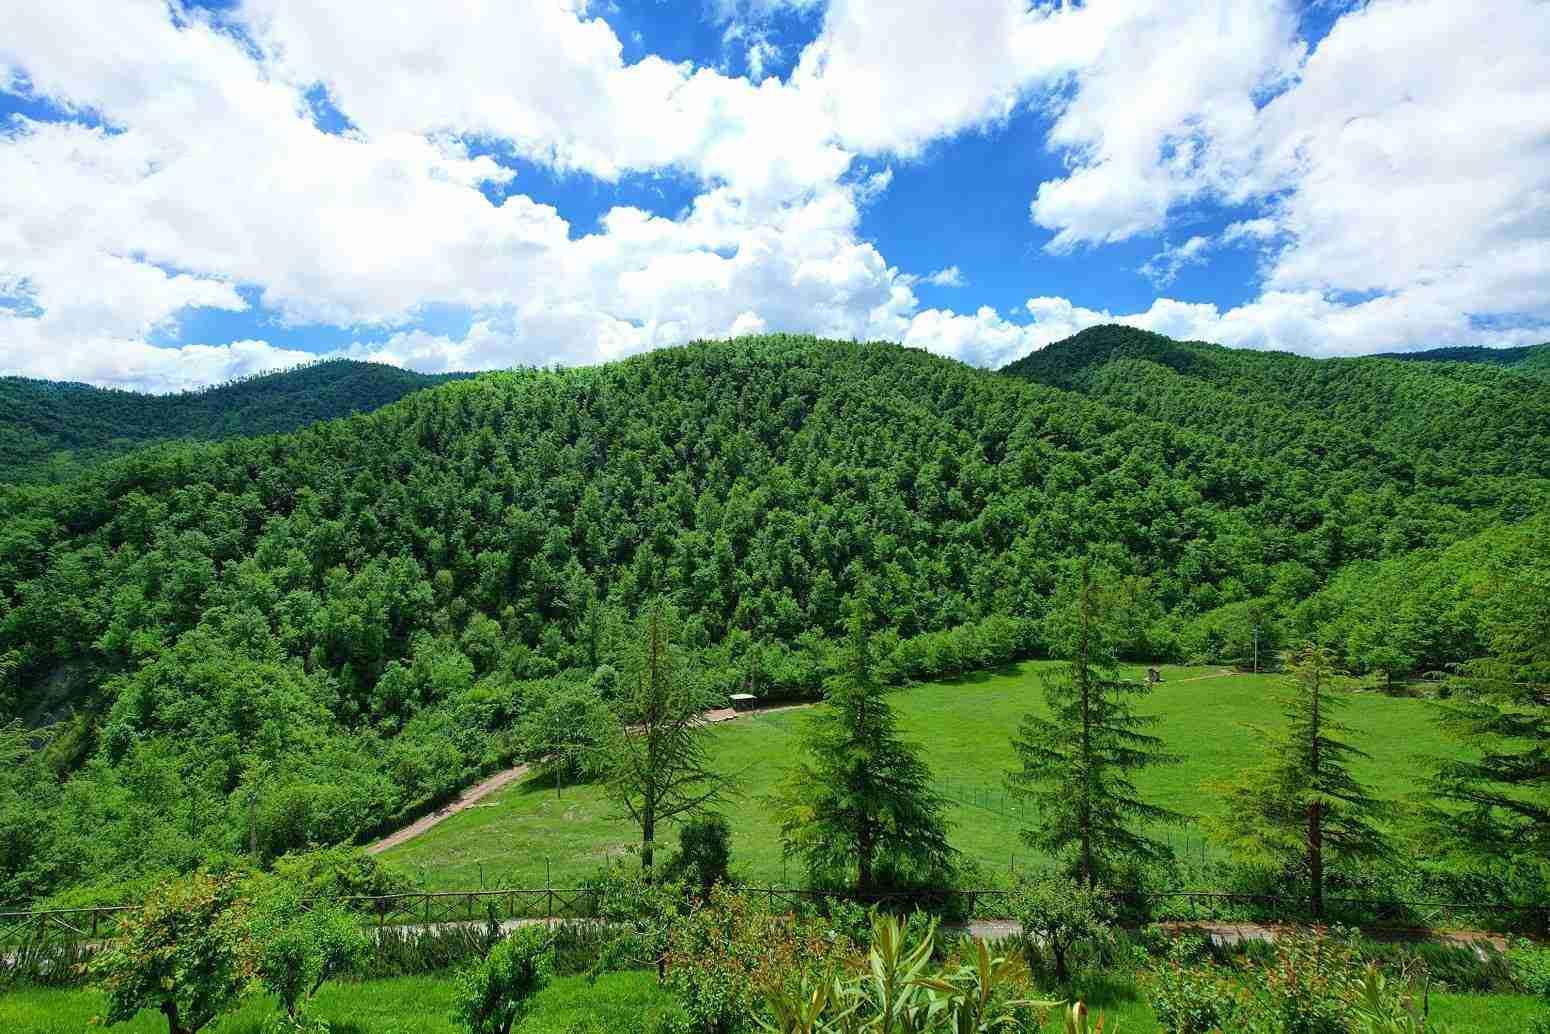 9 Etruria panoramic view